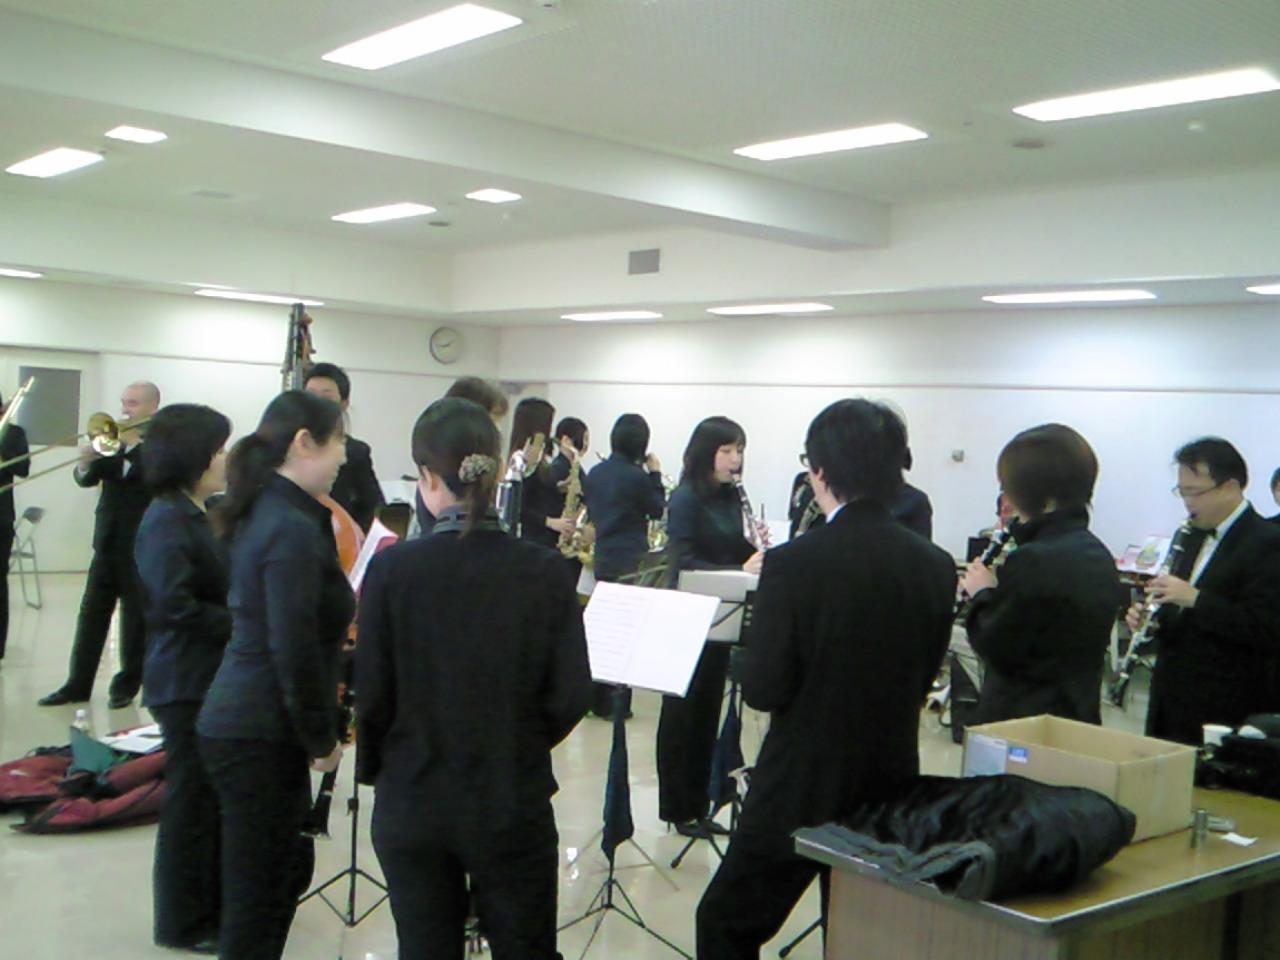 【3/6:7】《ゆう音楽祭》2<br />  部チューニング